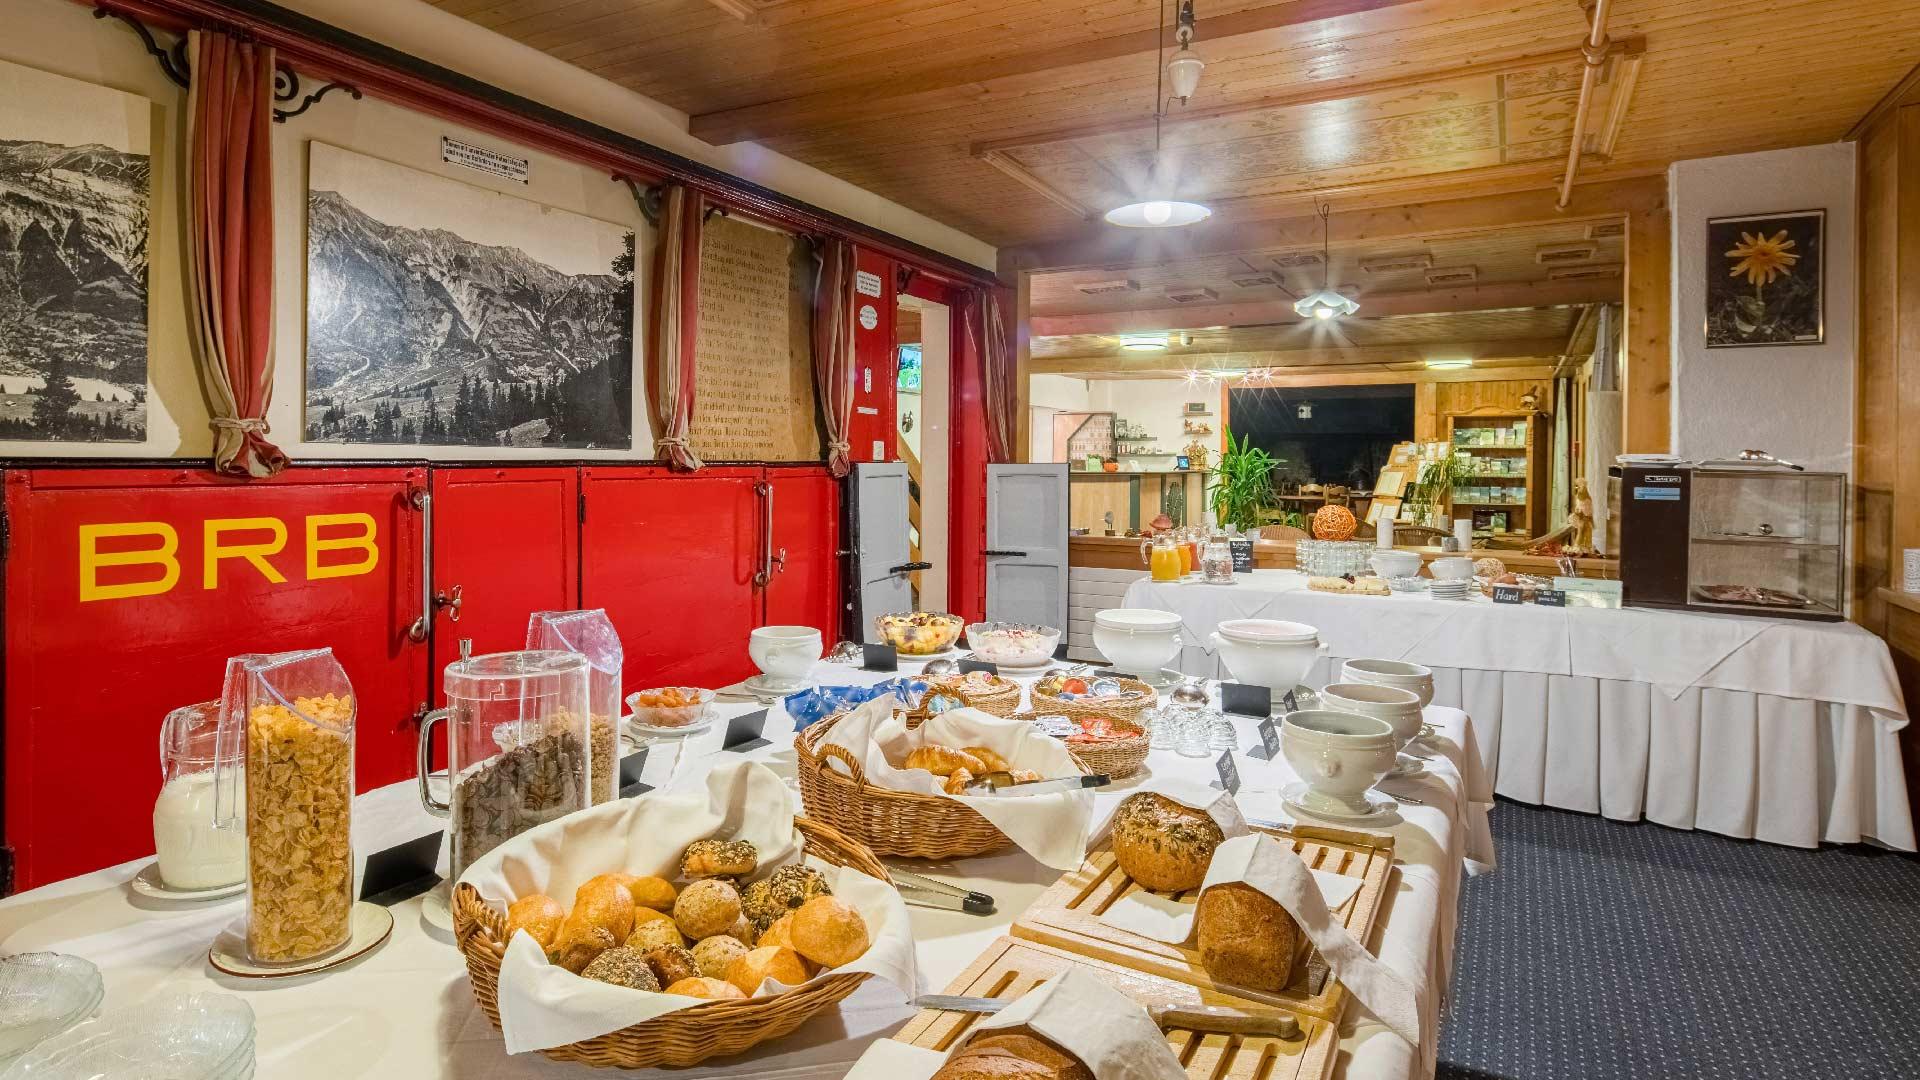 lindenhof-brienz-fruehstueck-buffet